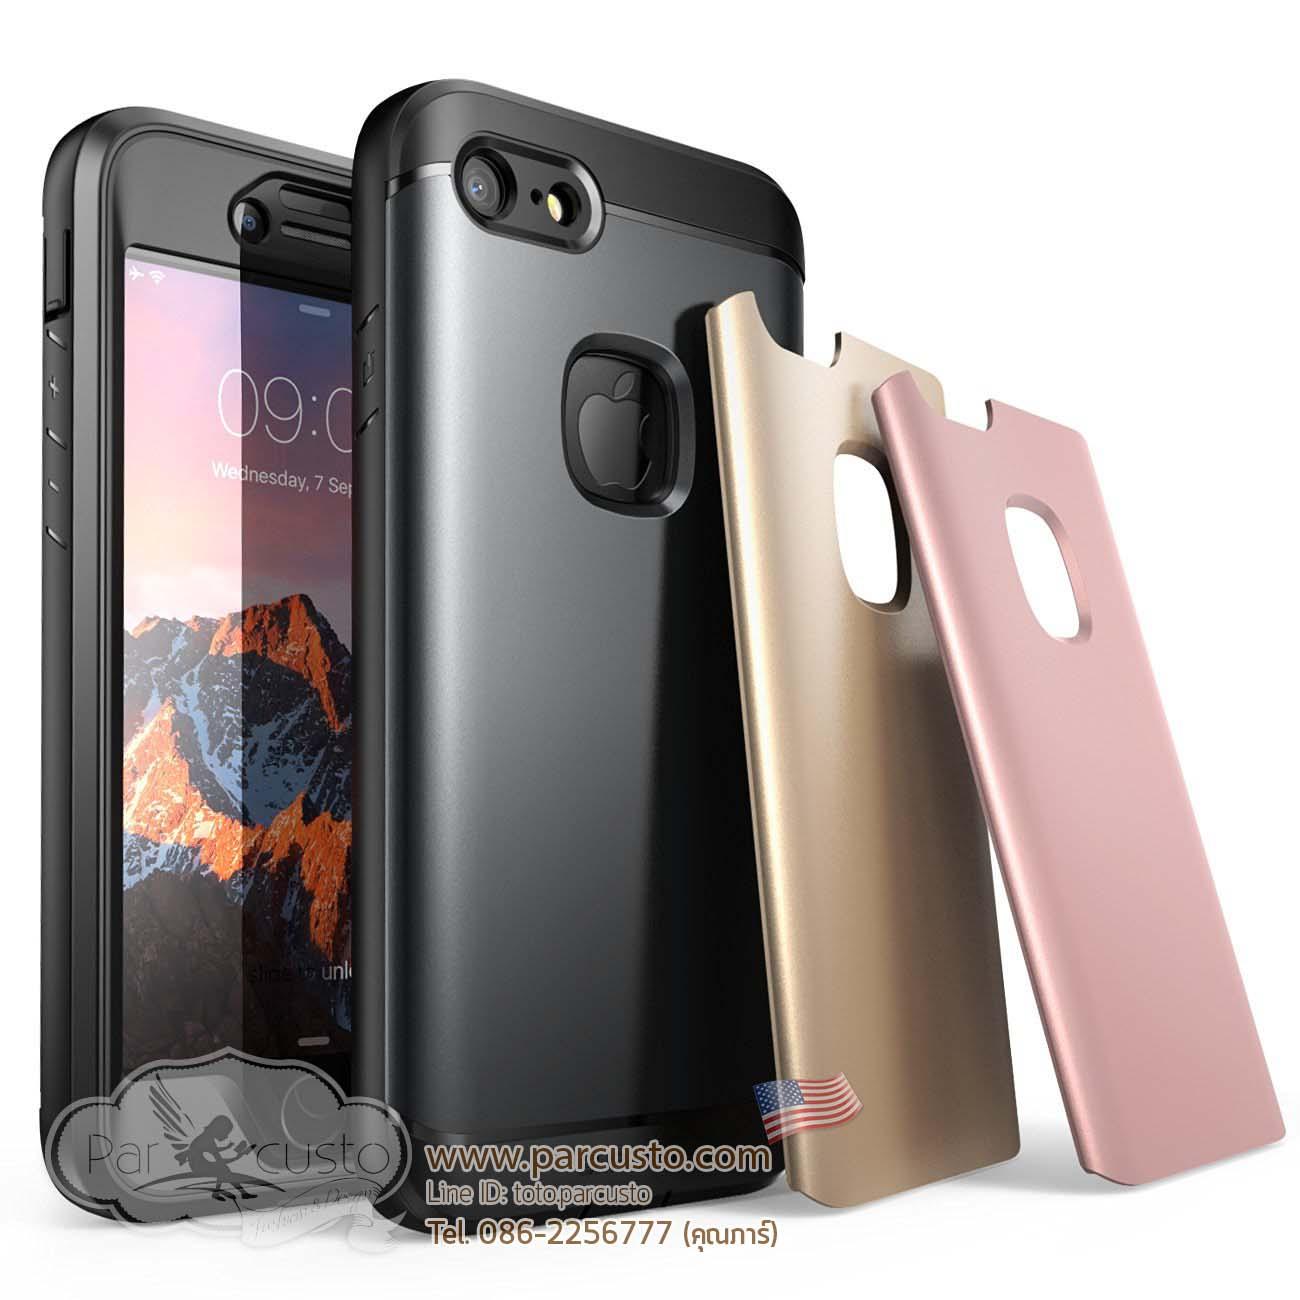 เคสกันน้ำสาดกันกระแทก Apple iPhone 7 [Water Resistant] จาก SUPCASE [Pre-order USA]